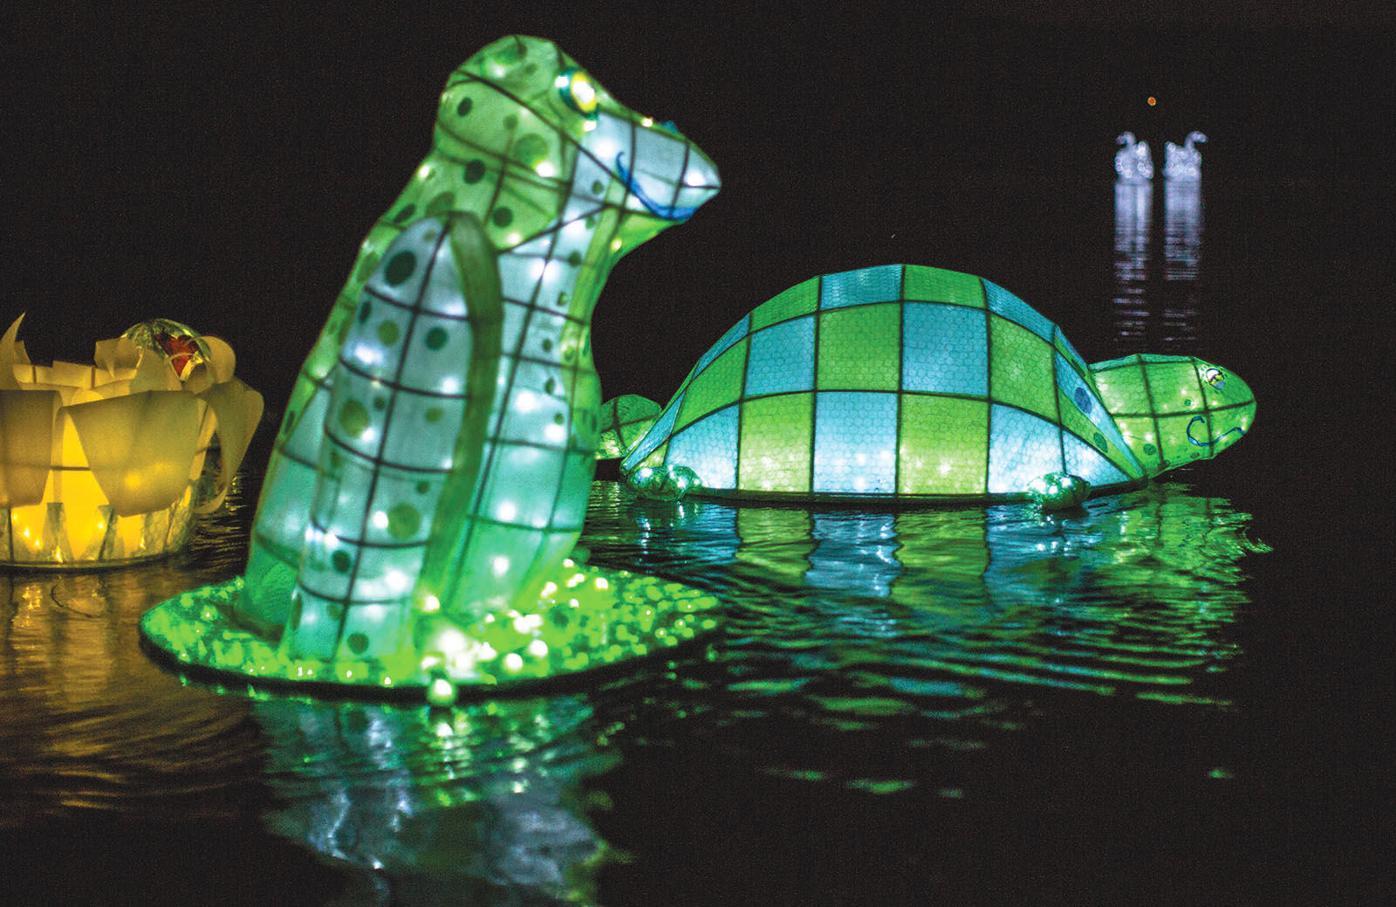 Full lantern parade 2 lanterns float